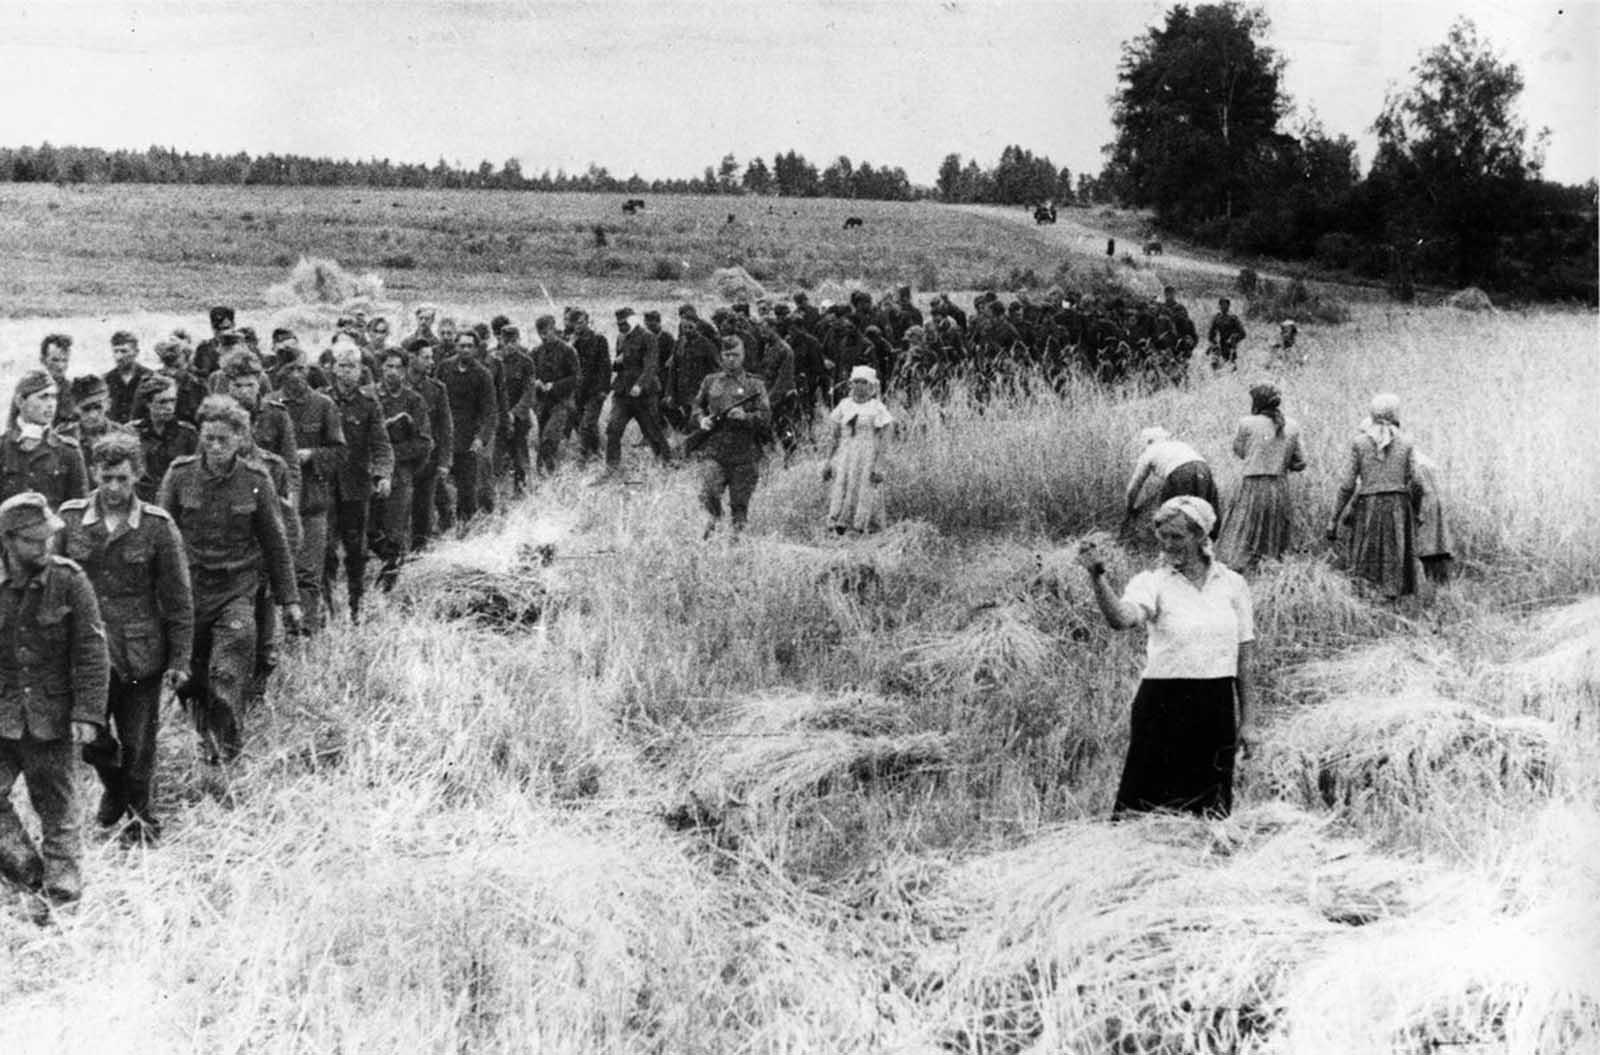 14 февруари 1944 г.: Съветските жени на полето с усмивка размахват пръст на германските военнопленници, заради които разчистват земите от отломки и снаряди.